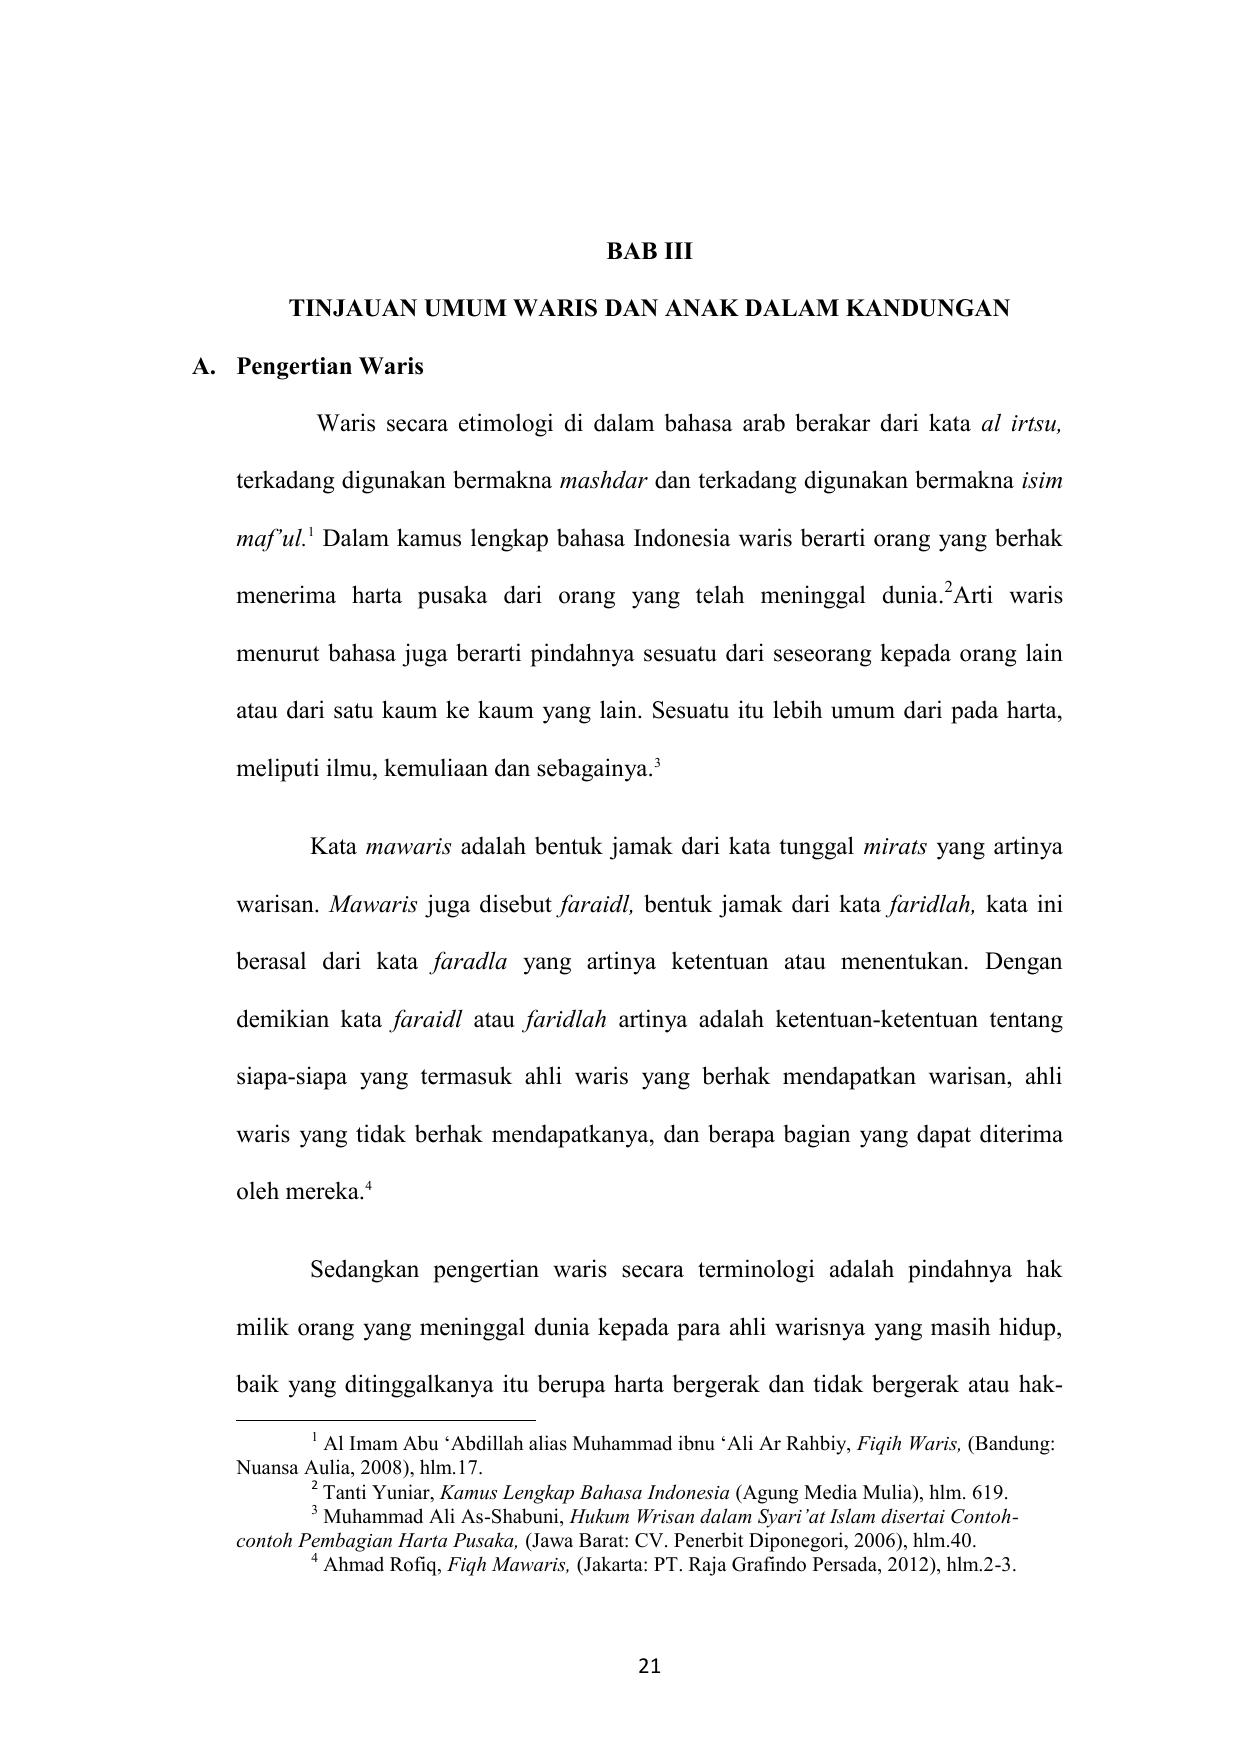 D  Riskamatul Umami SyarPerbMazHuk BAB III e58371c2e6